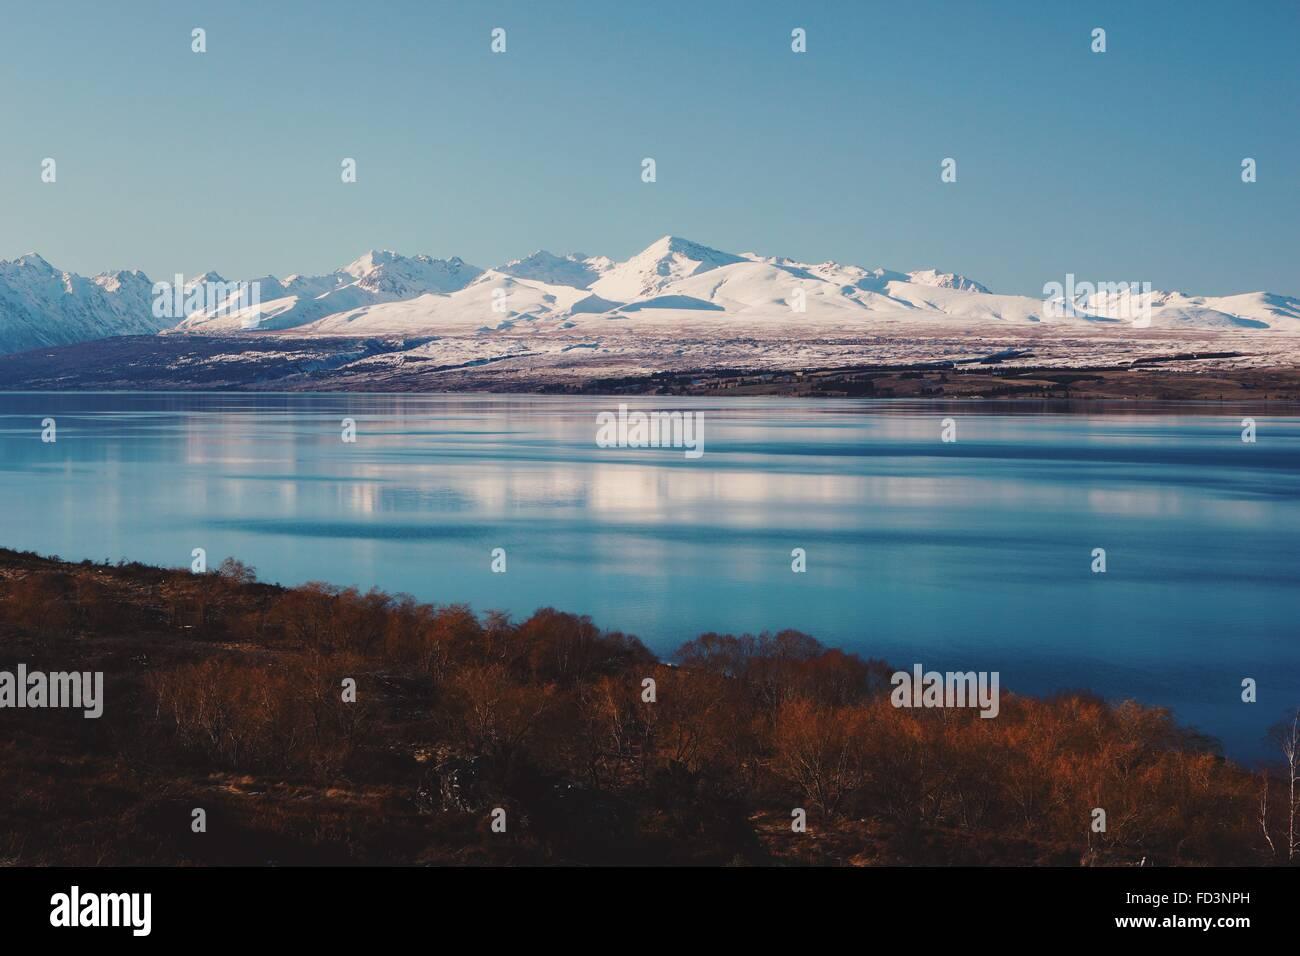 Agua Azul reflejo de montañas nevadas y bracken naranja en la Isla del Sur de Nueva Zelanda. Imagen De Stock